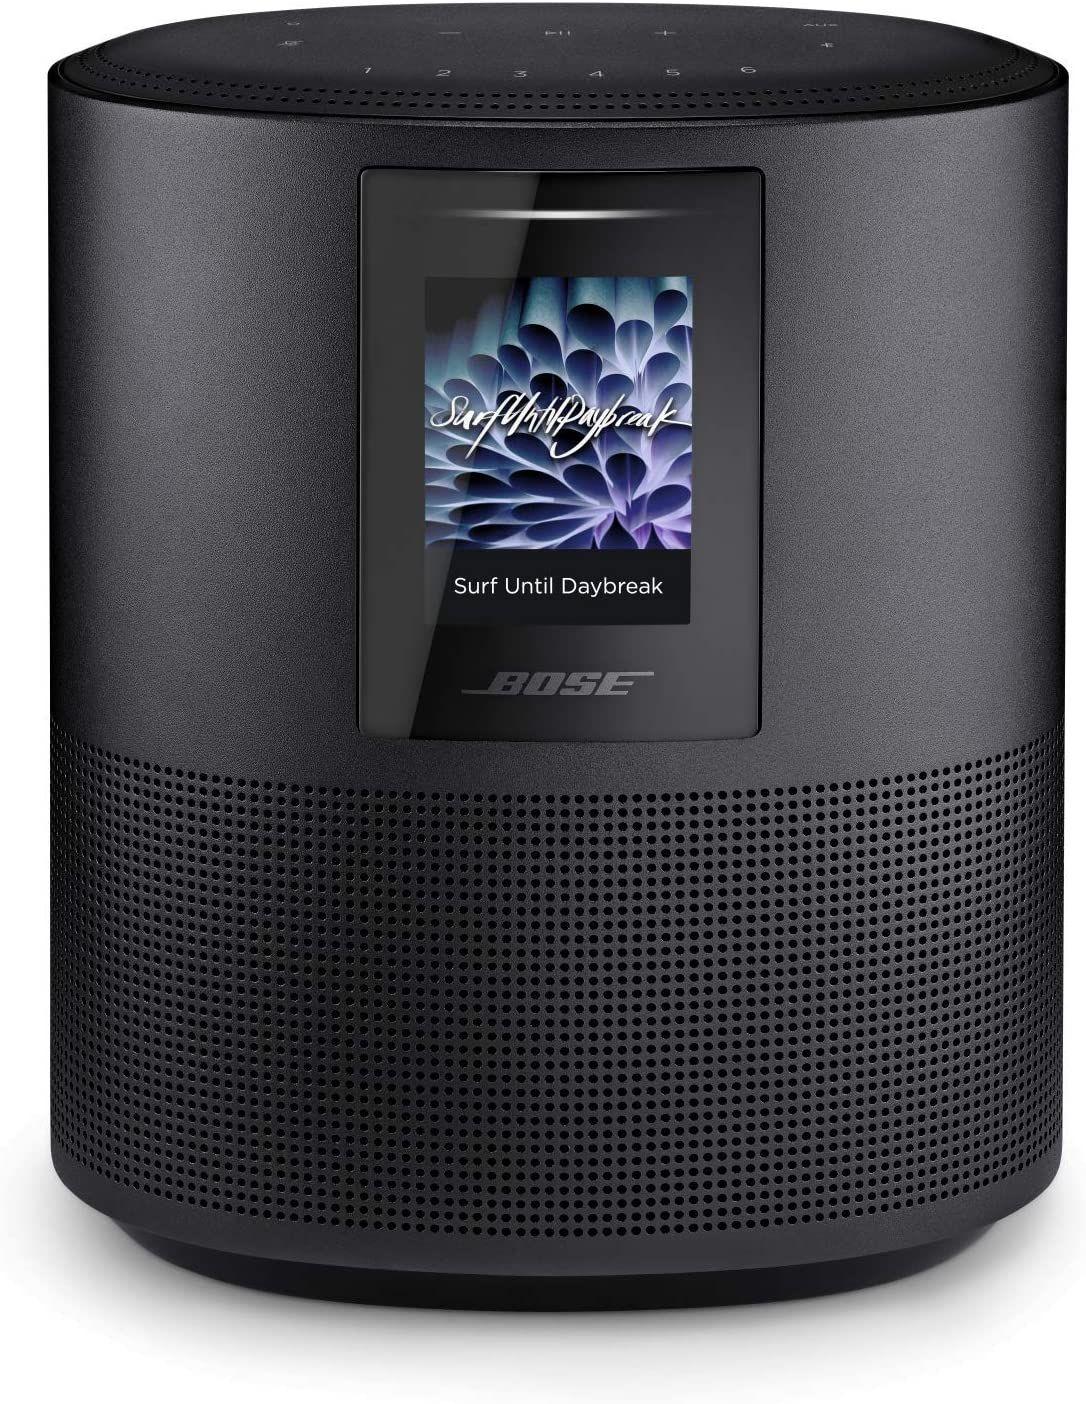 Bose Home Speaker 500 - 2.0 Stereo-Smart-Speaker (App-steuerbar, WLAN, Bluetooth, AirPlay, Alexa, Multiroom)